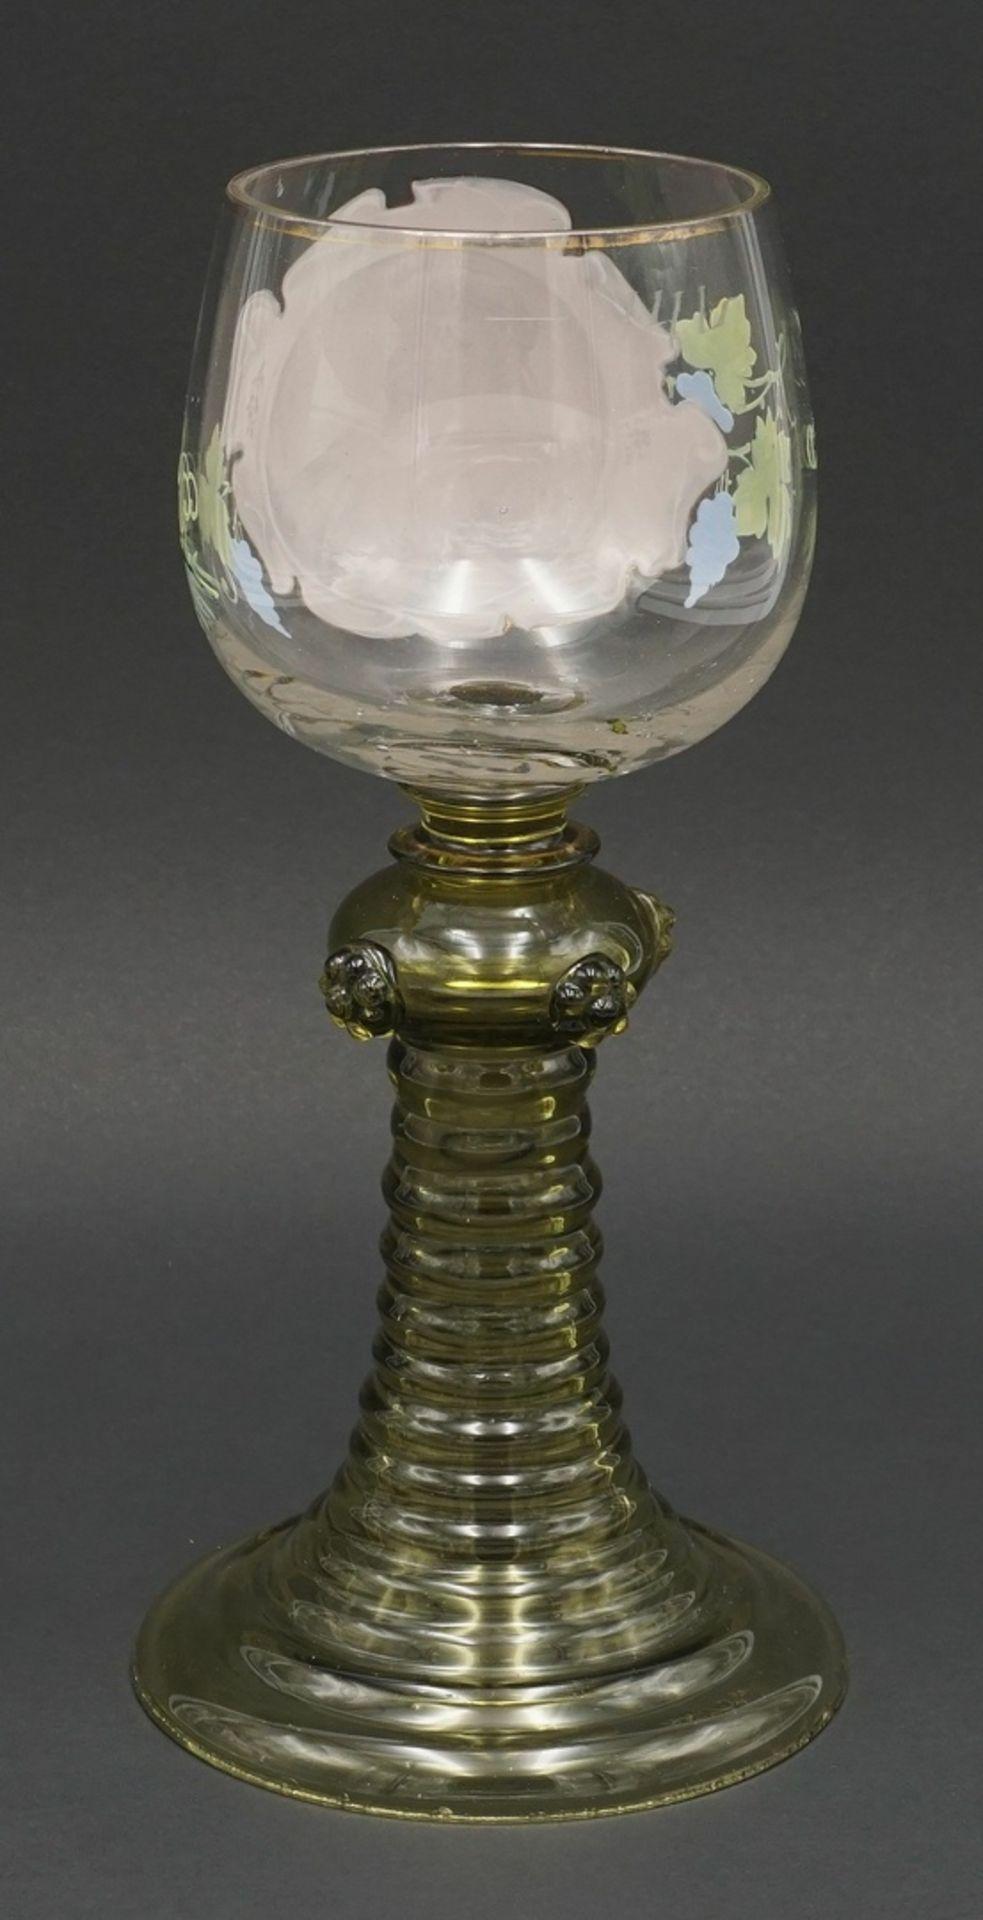 Nuppenglas mit Emaillebild, 19. Jh. - Bild 2 aus 3